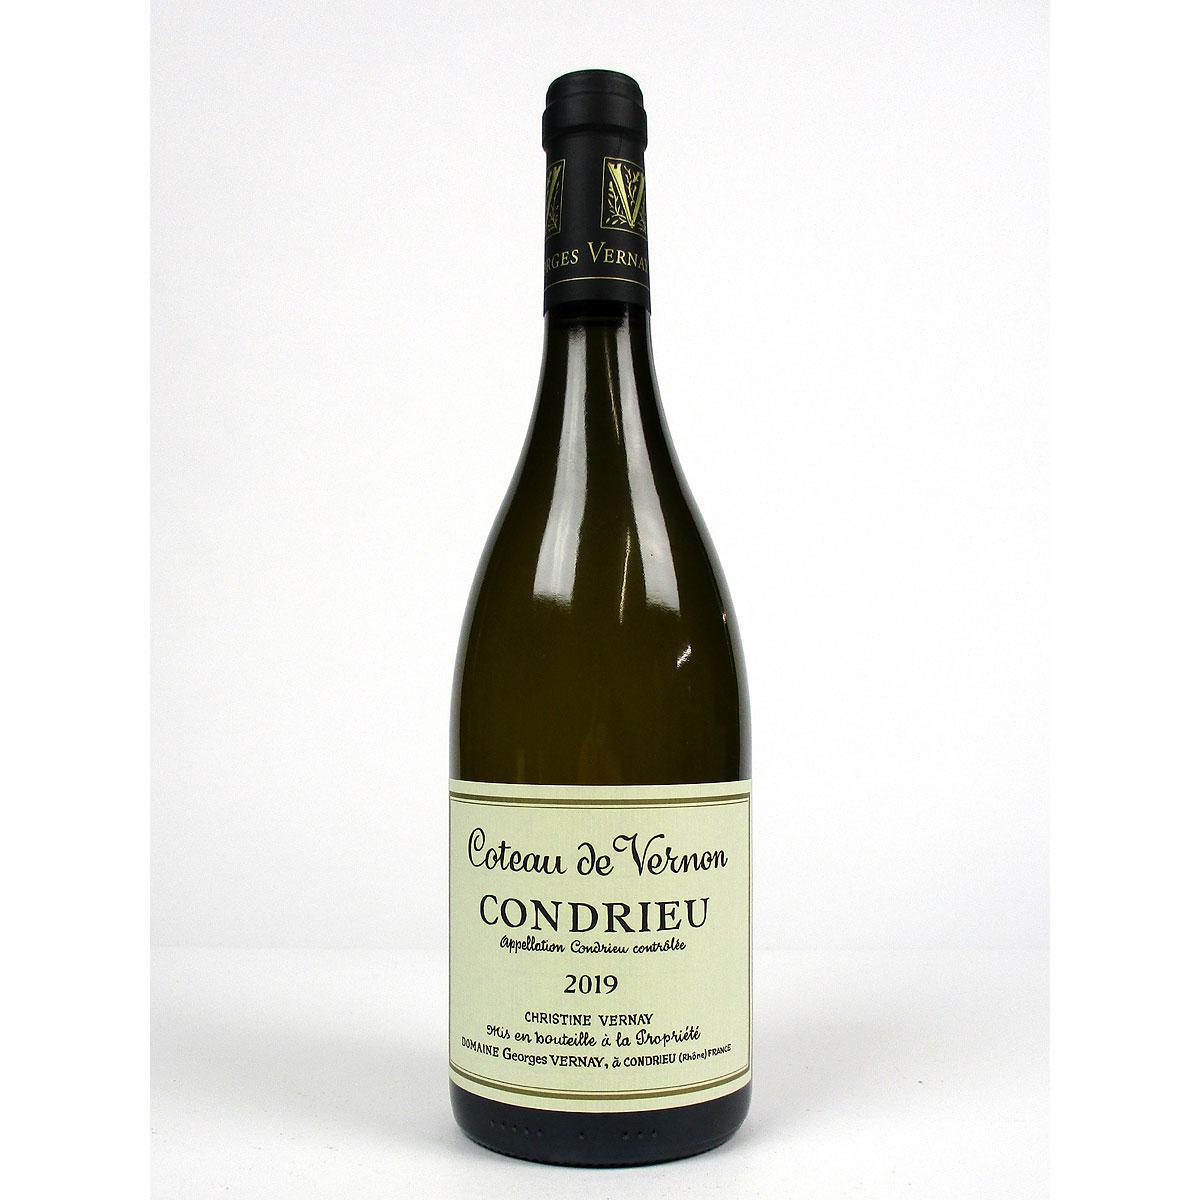 Condrieu: Domaine Georges Vernay 'Coteau de Vernon' 2019 - Bottle